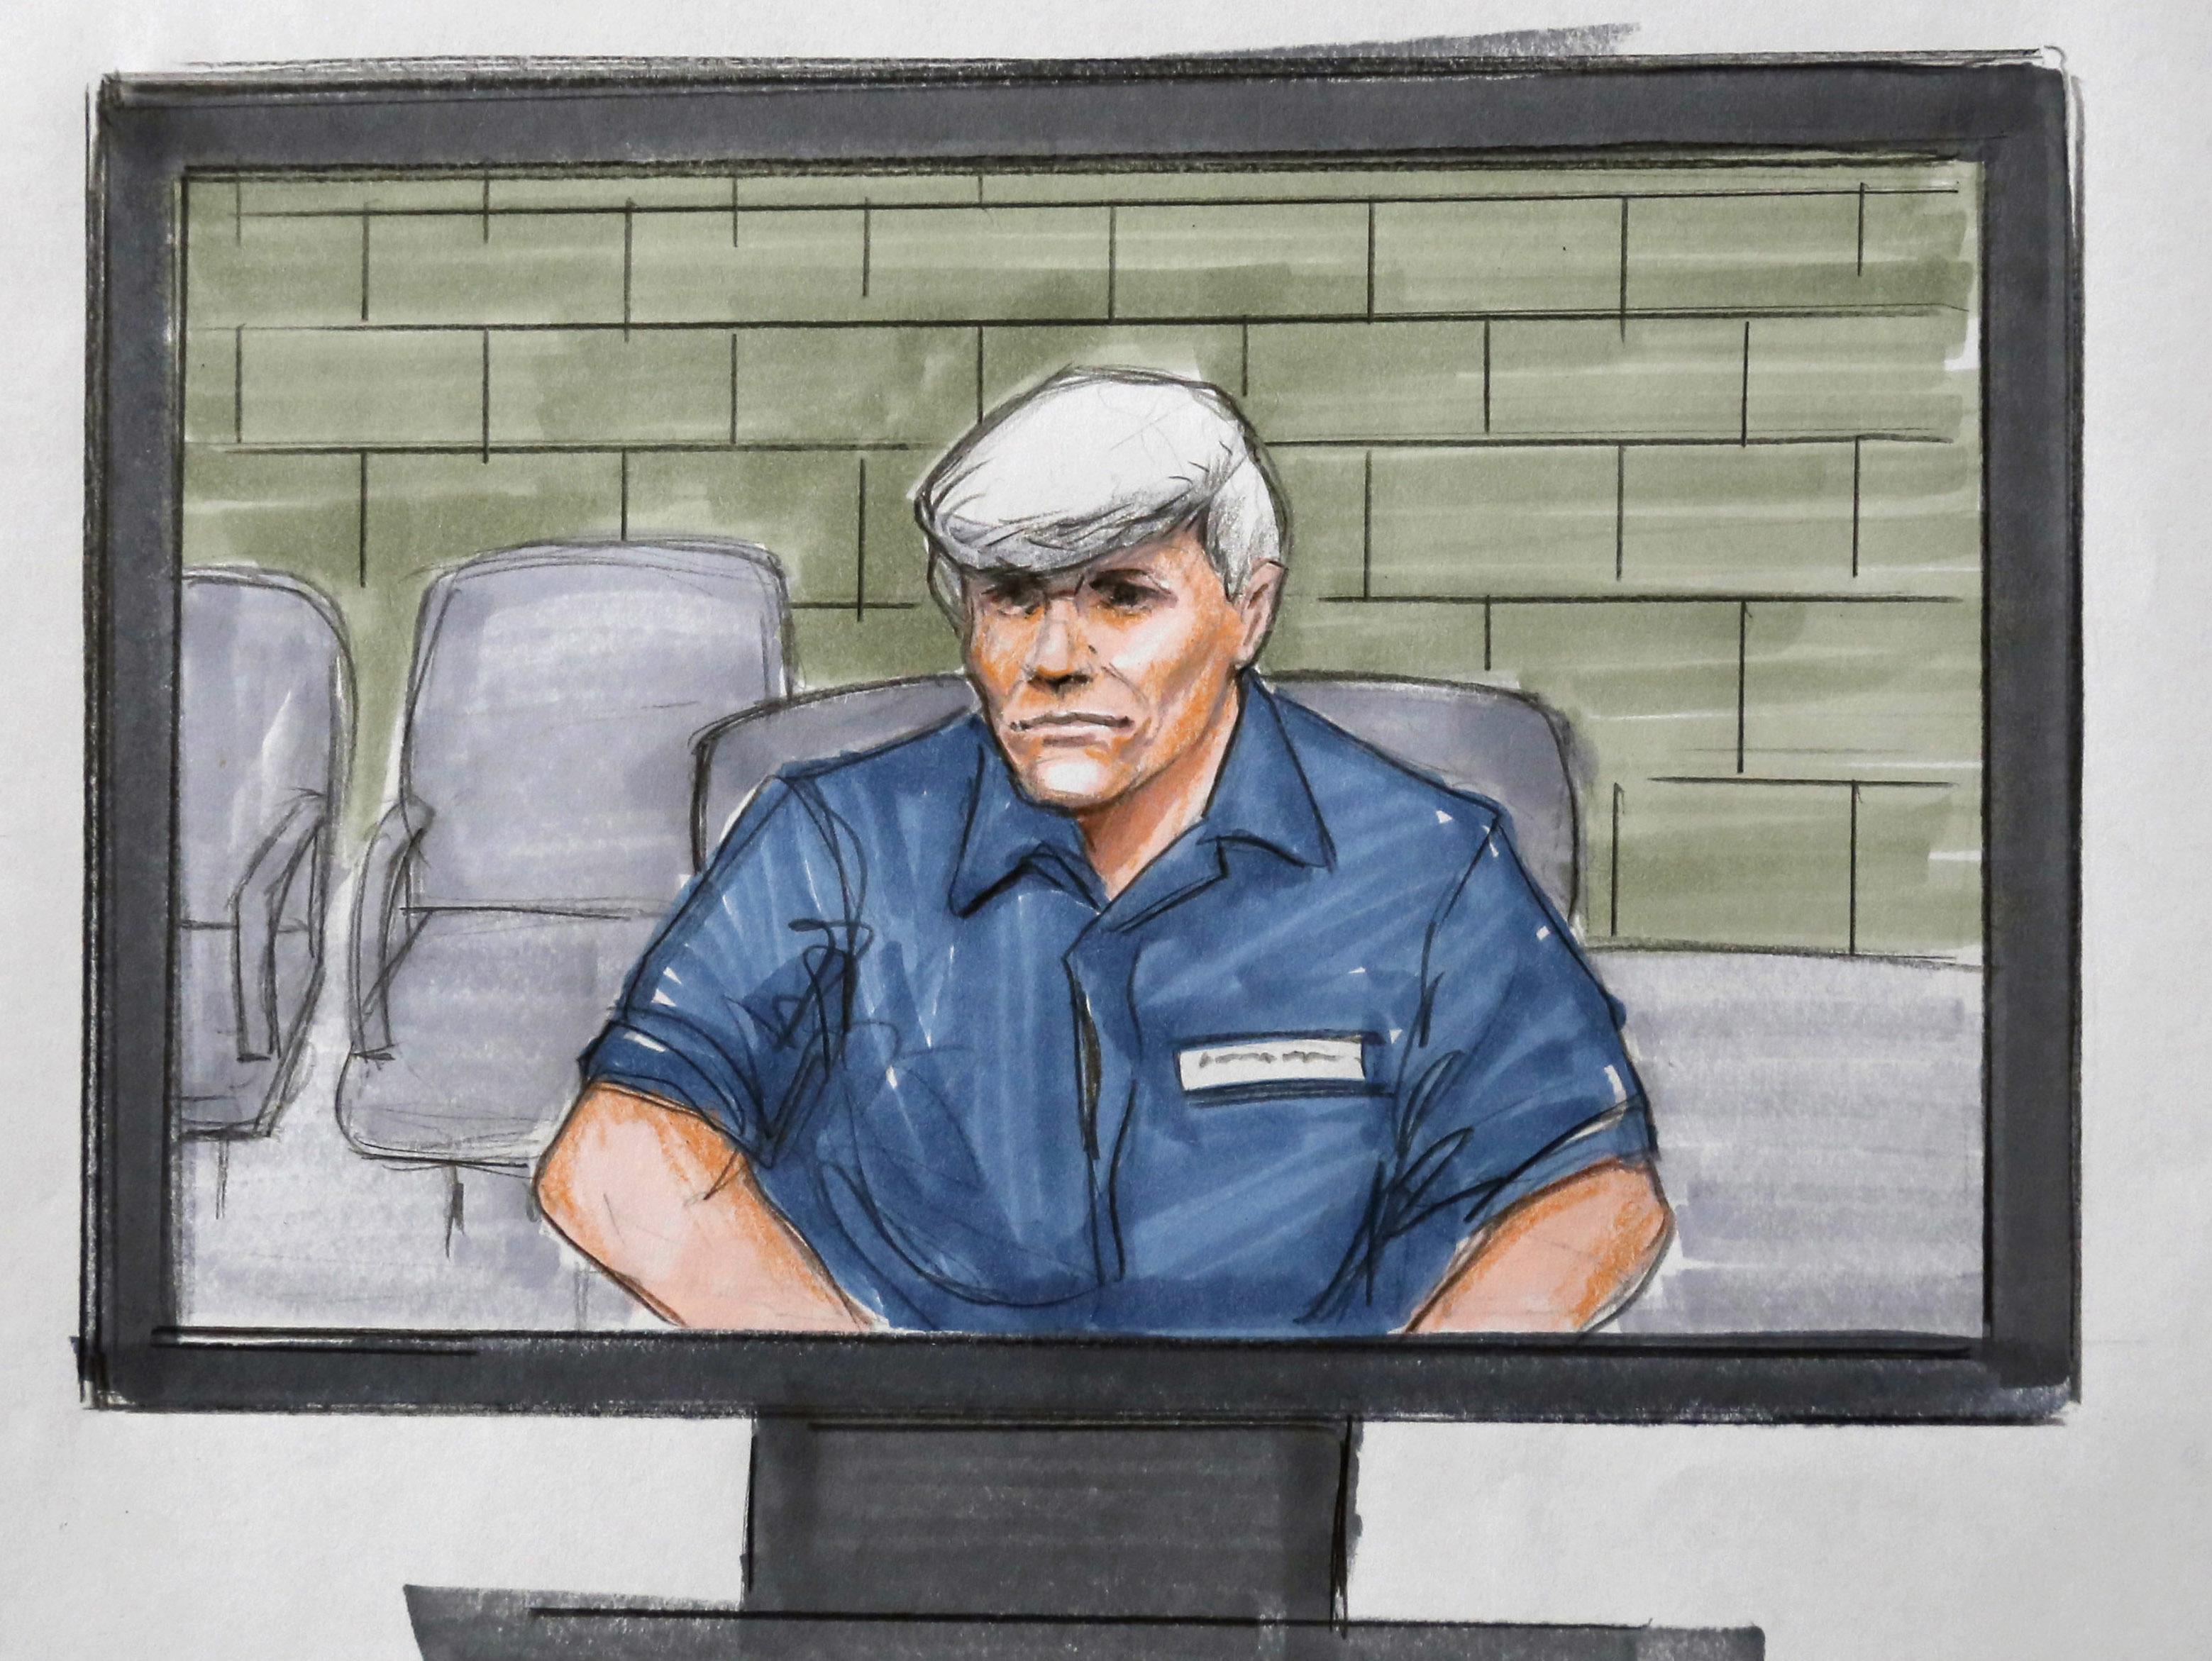 Chicago - Judge Denies Blagojevich's Bid To Lighten 14-year Sentence